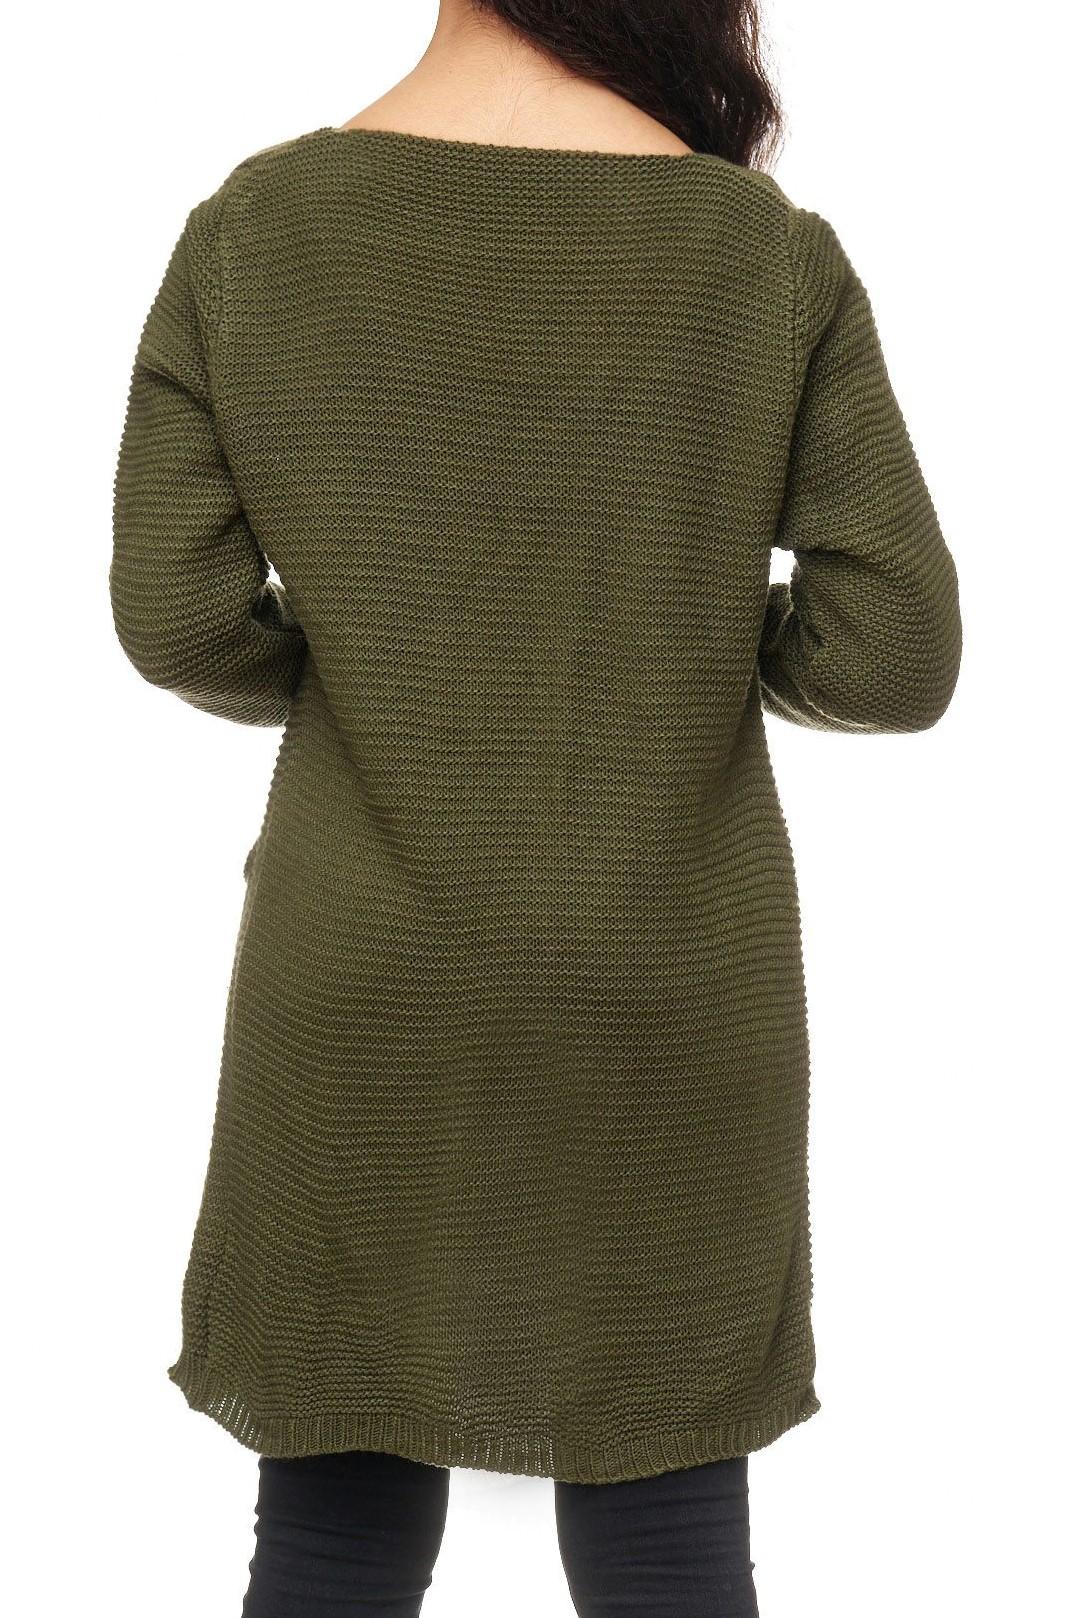 damen long cardigan strickweste jacke umhang pullover weste sweater lang neu ebay. Black Bedroom Furniture Sets. Home Design Ideas